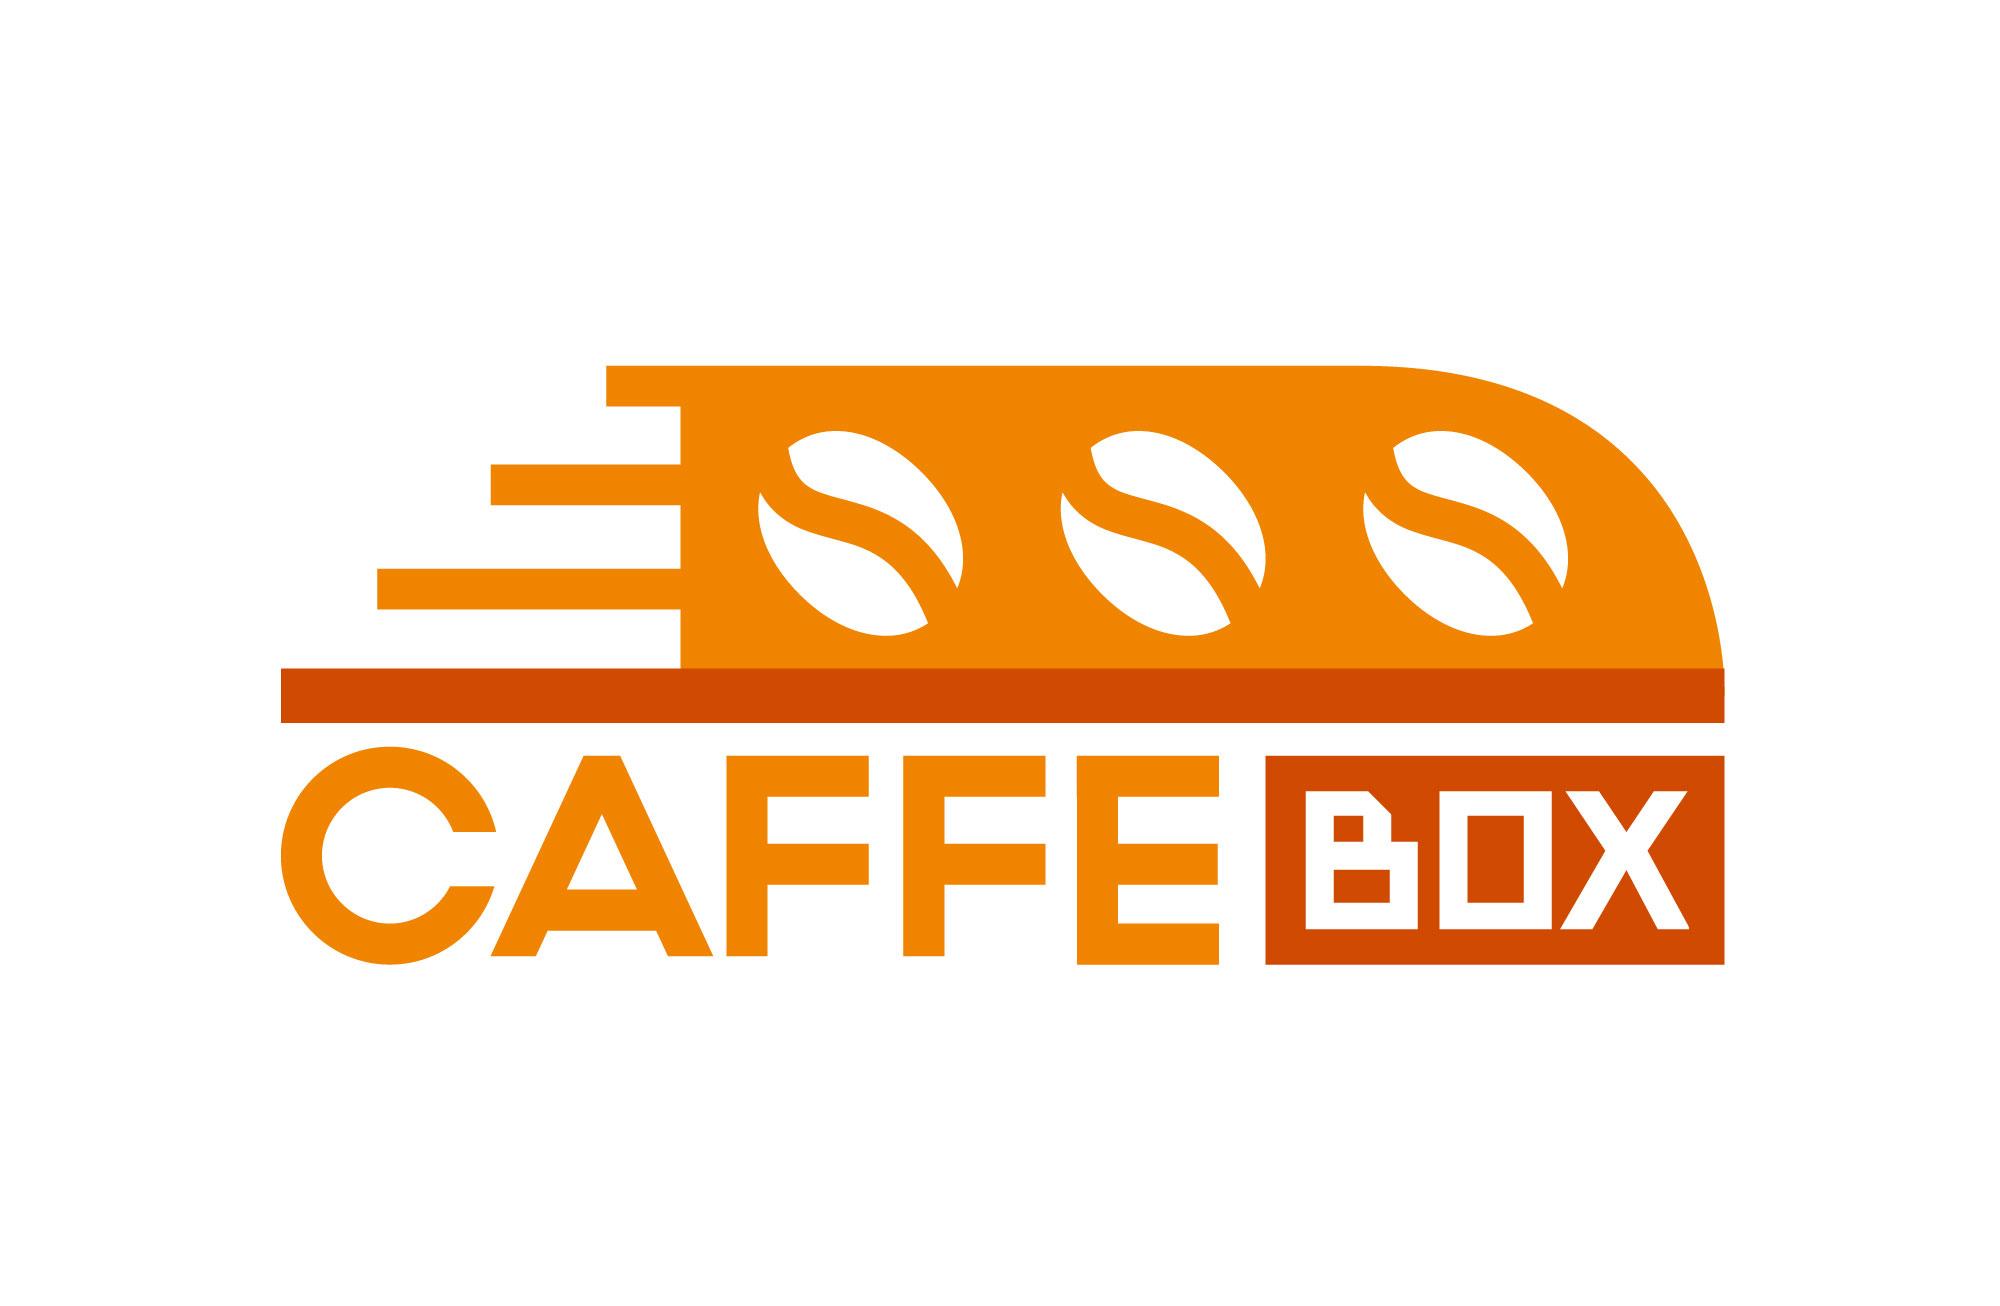 Требуется очень срочно разработать логотип кофейни! фото f_3315a0e09c5bdf1c.jpg